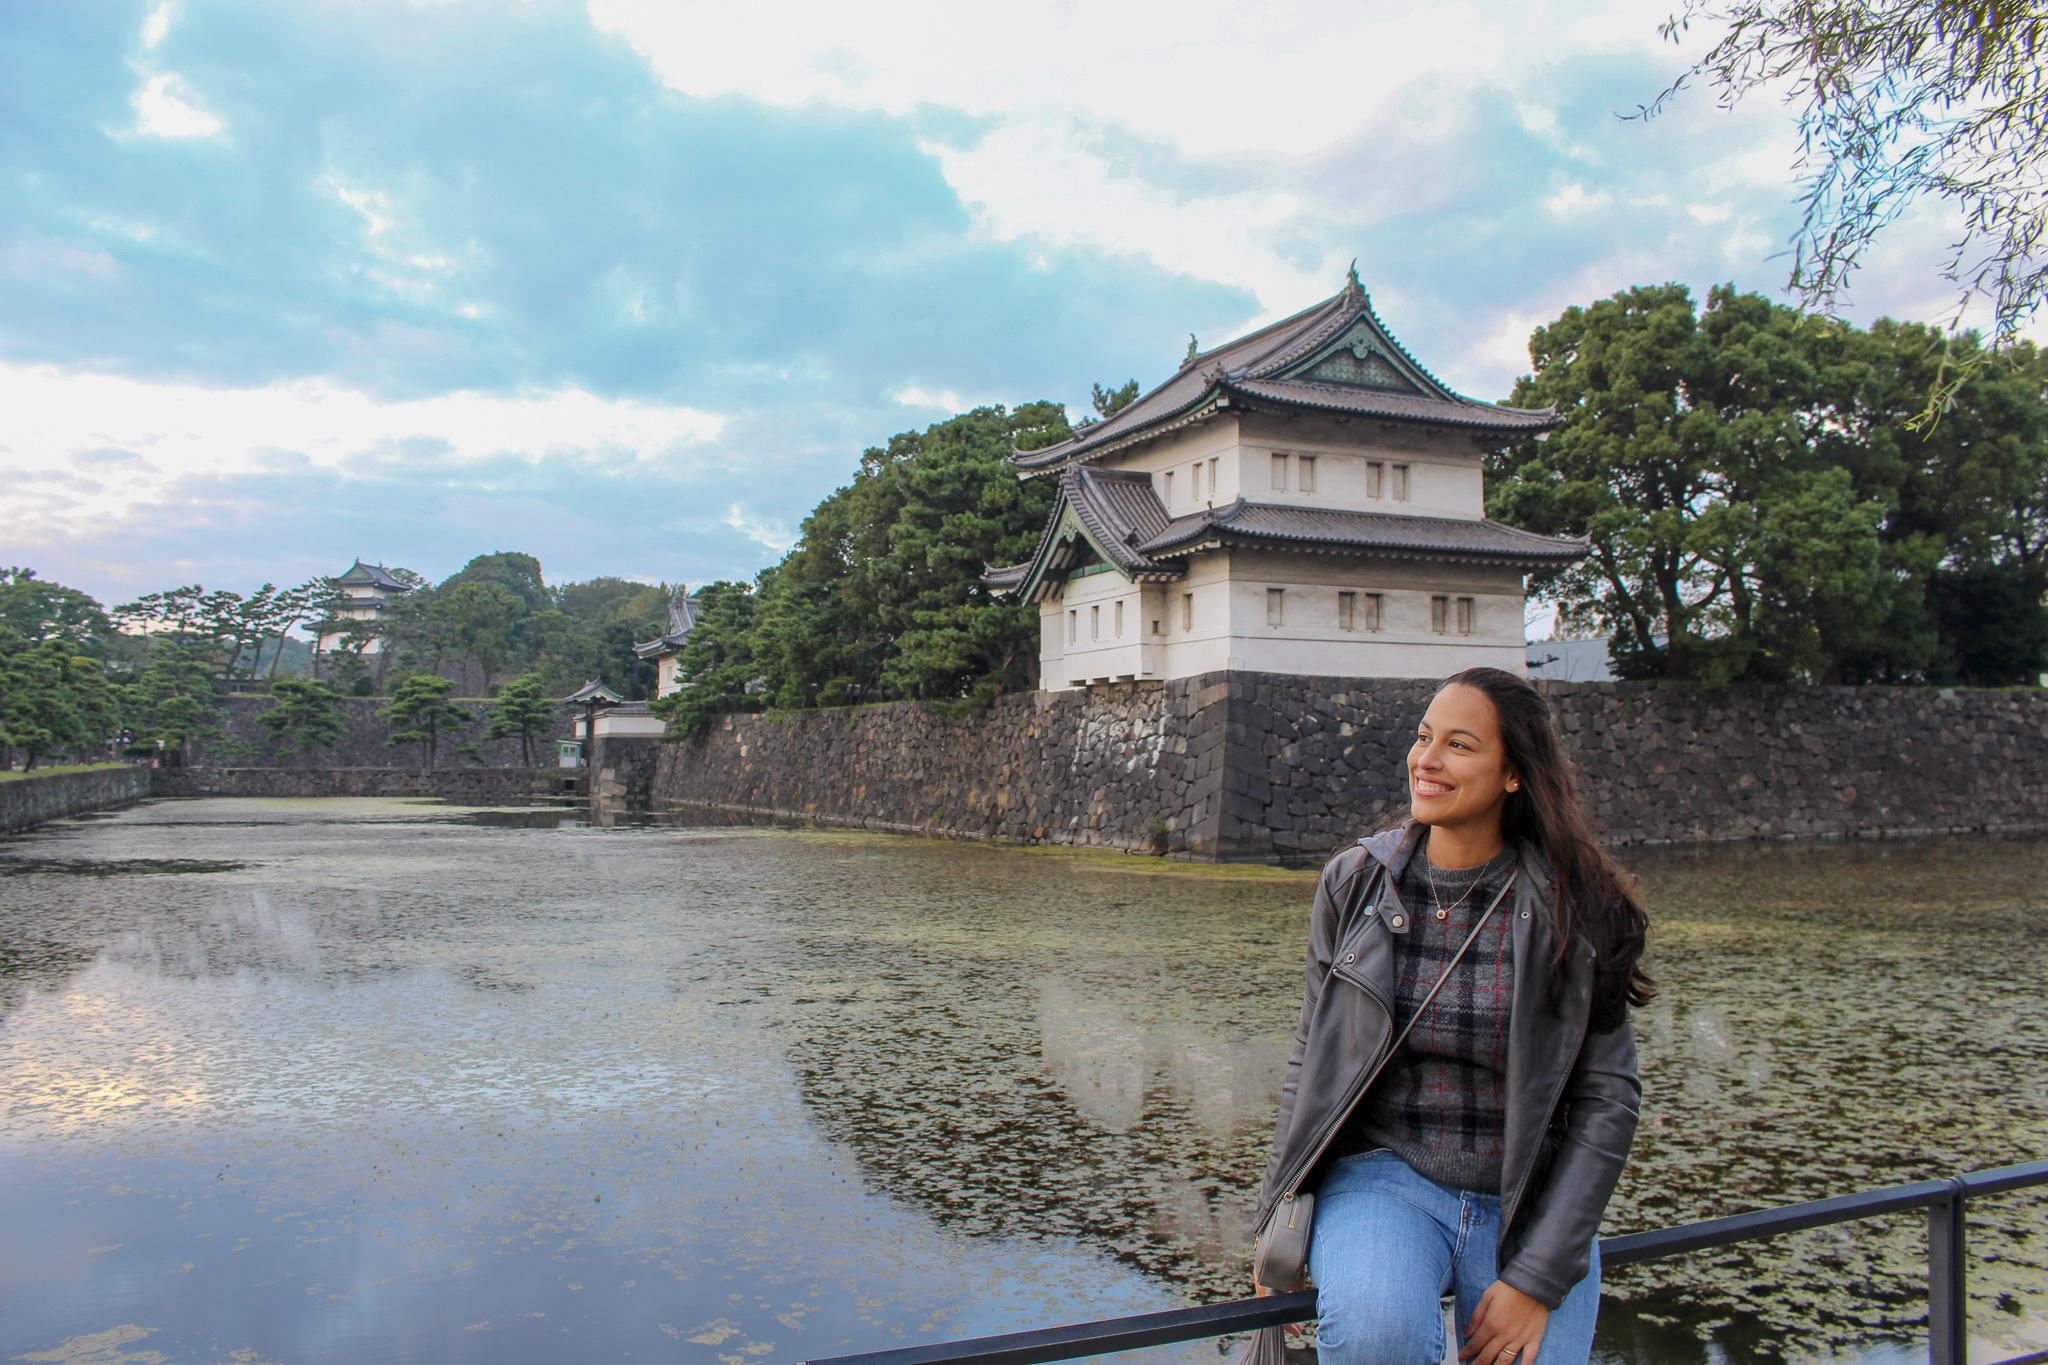 tokyo_palacio_imperial_jardins